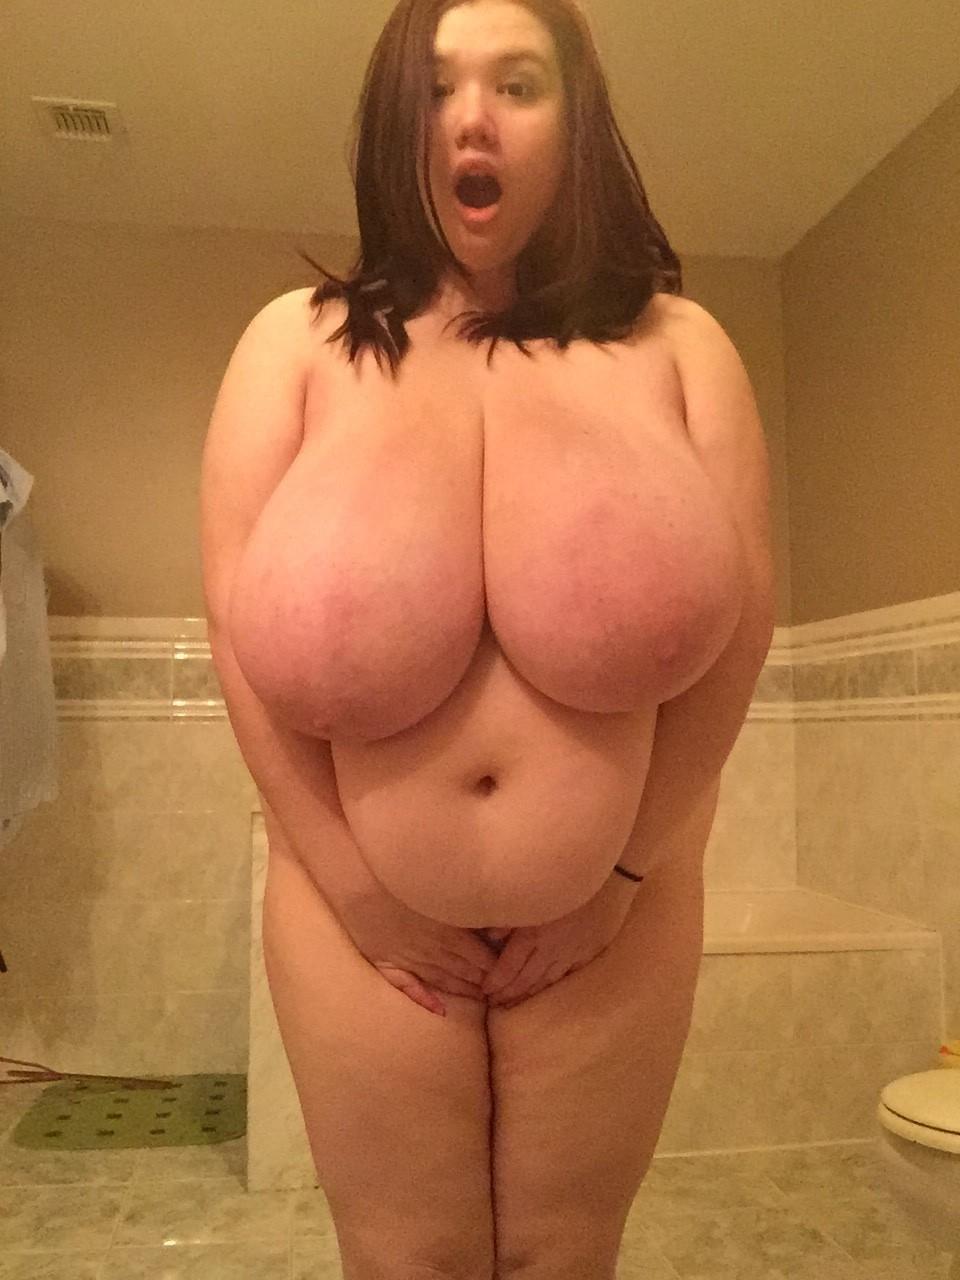 Фото большие сиськи голые толстые женщины — 1